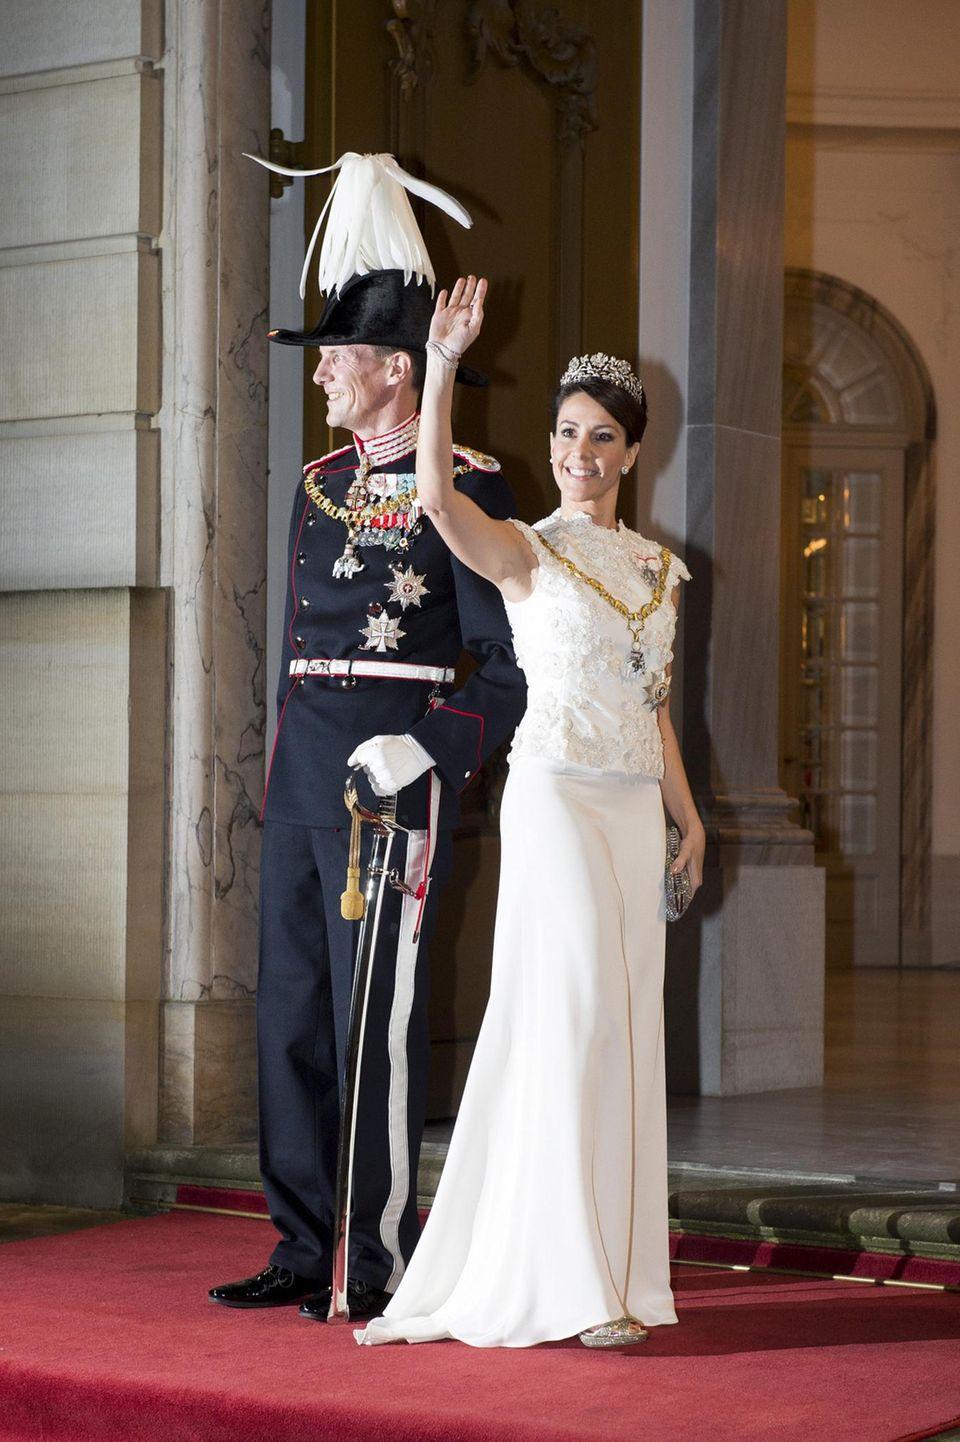 1. Januar 2016  Prinz Joachim und Prinzessin marie erscheinen zu dem traditionellen Neujahrsempfang auf Schloss Amalienborg in Kopenhagen.